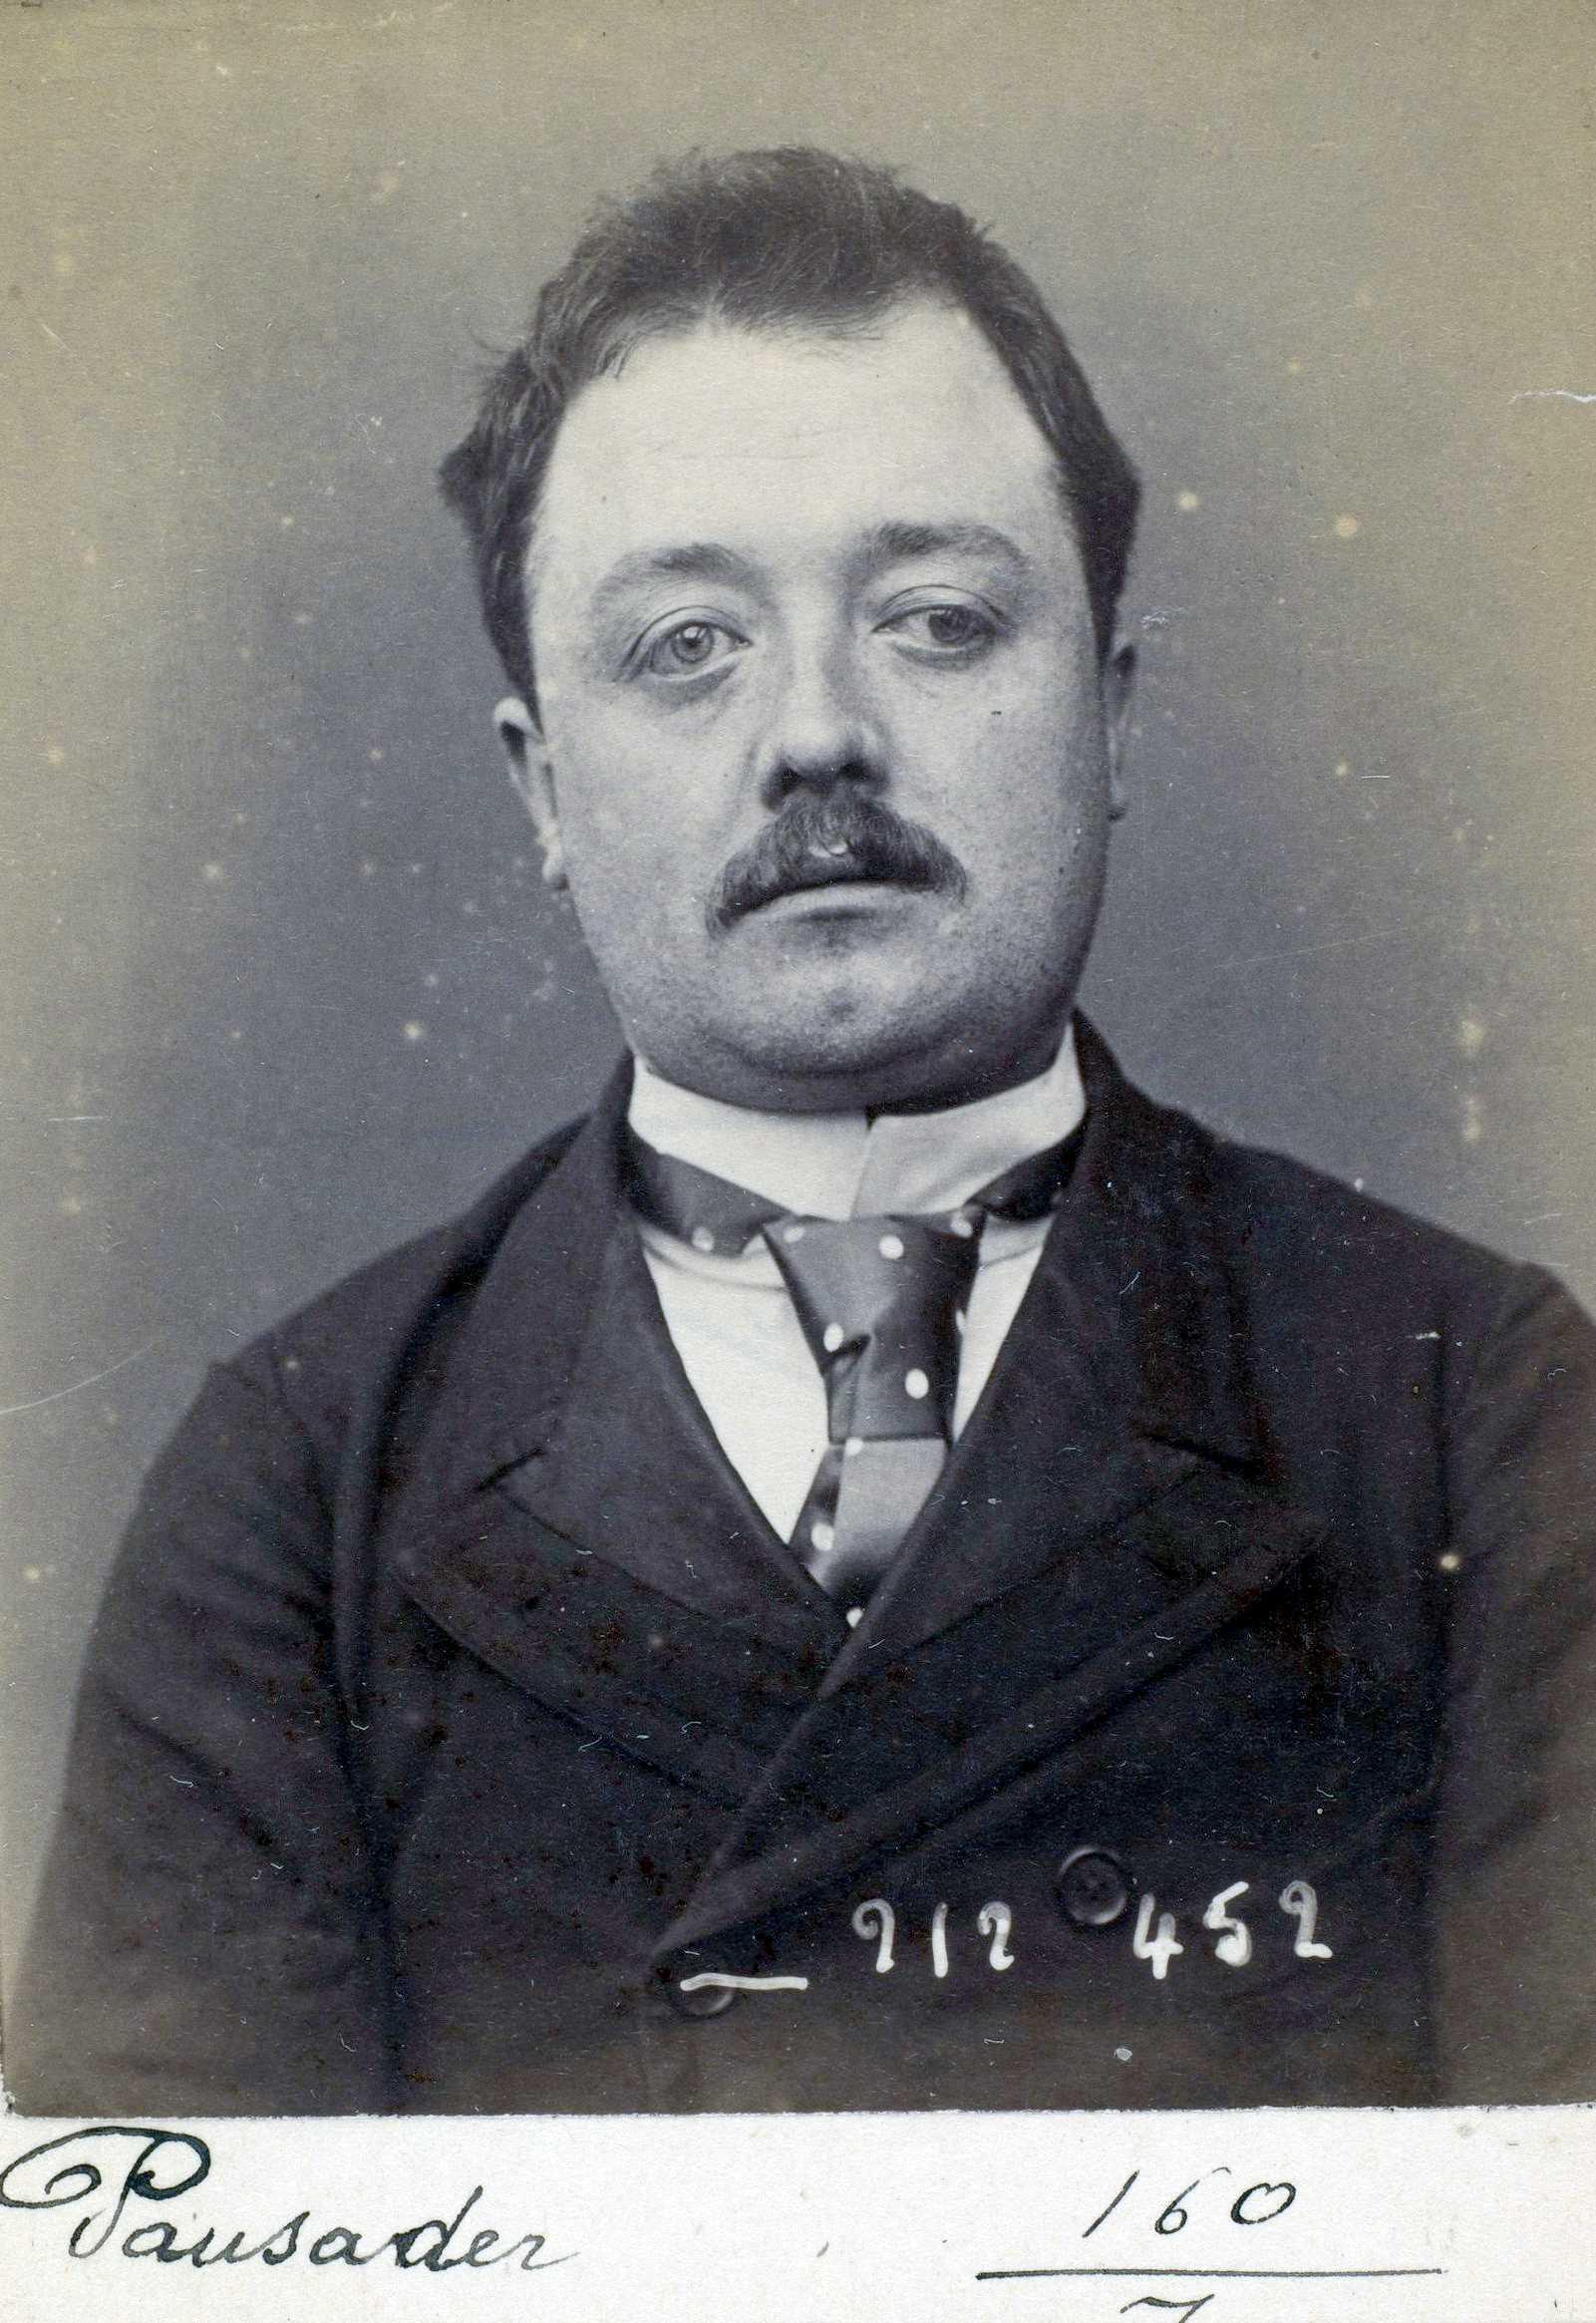 Foto policíaca de Jean Pausader (2 de gener de 1894)